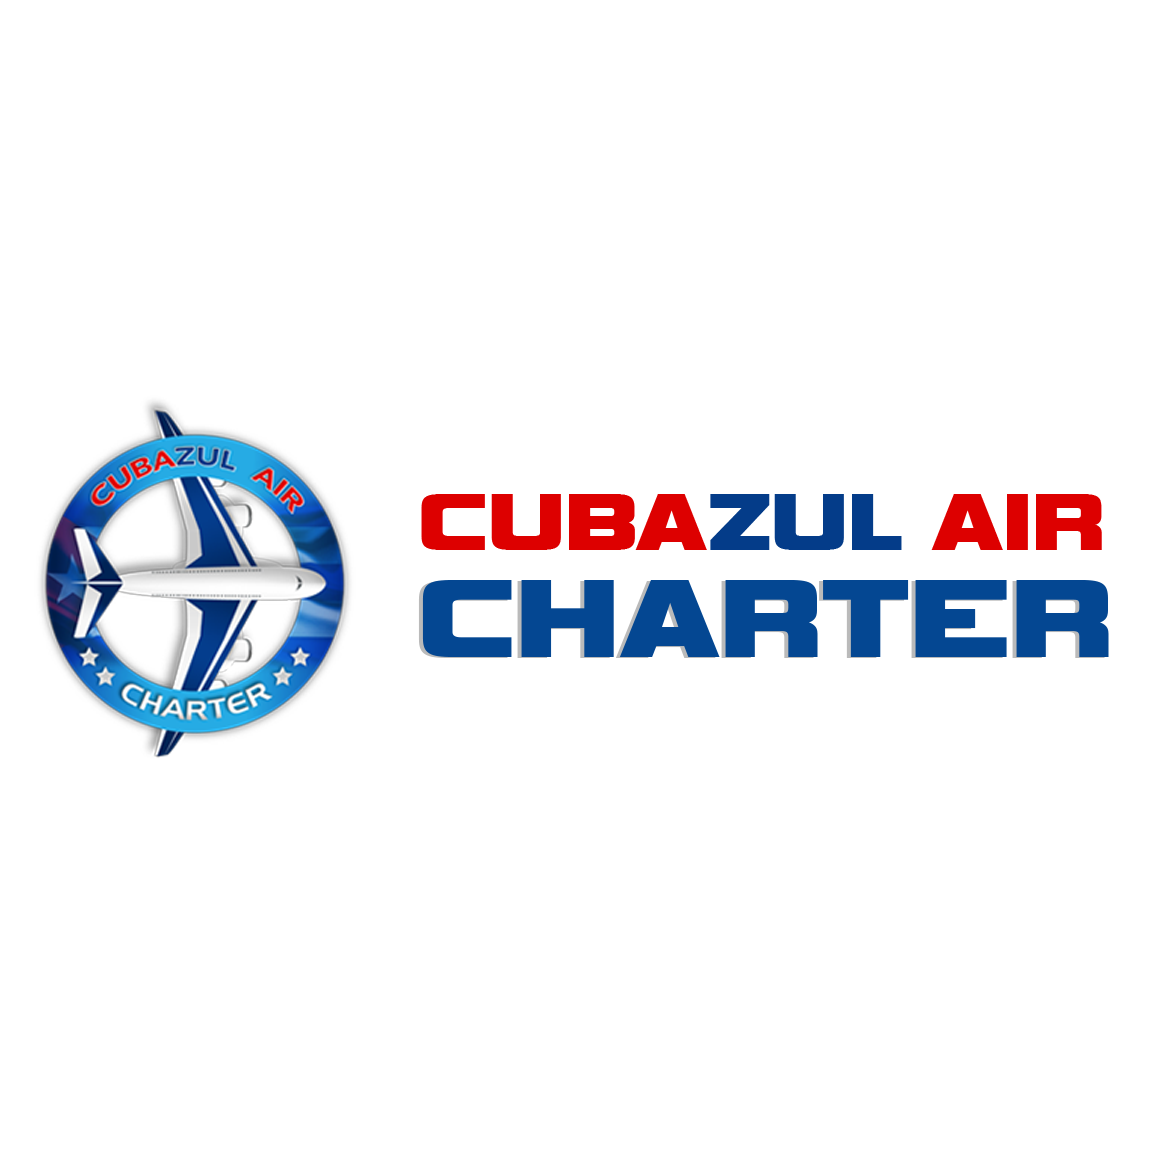 Cubazul Air Charter